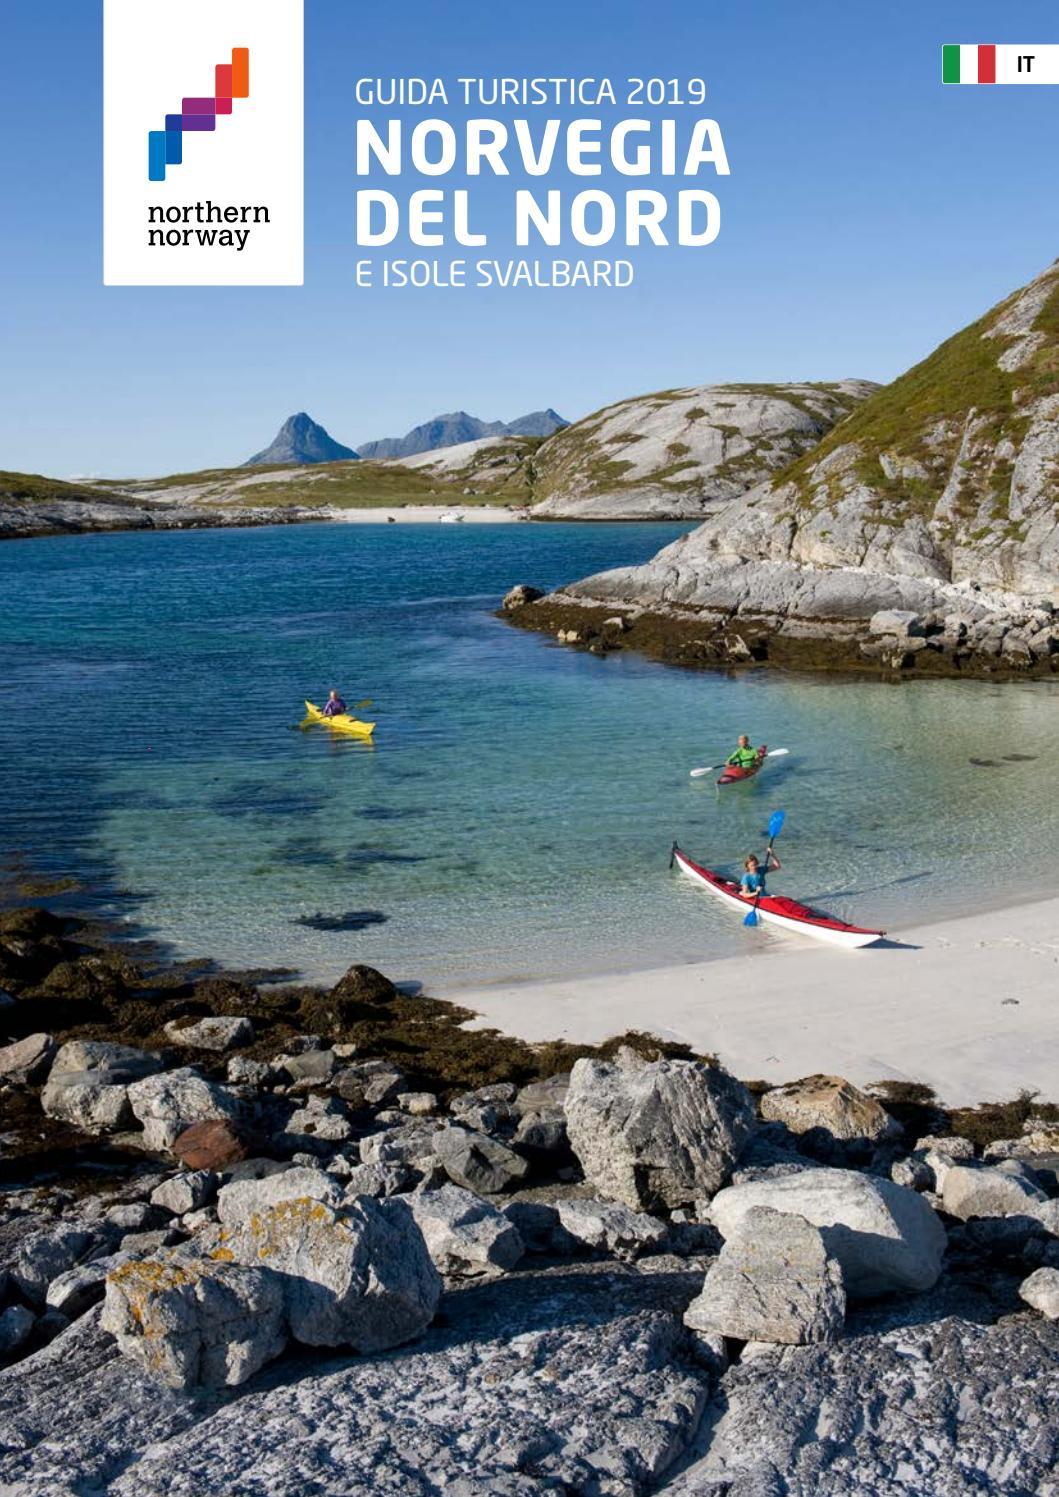 Incontri internazionali Norvegia